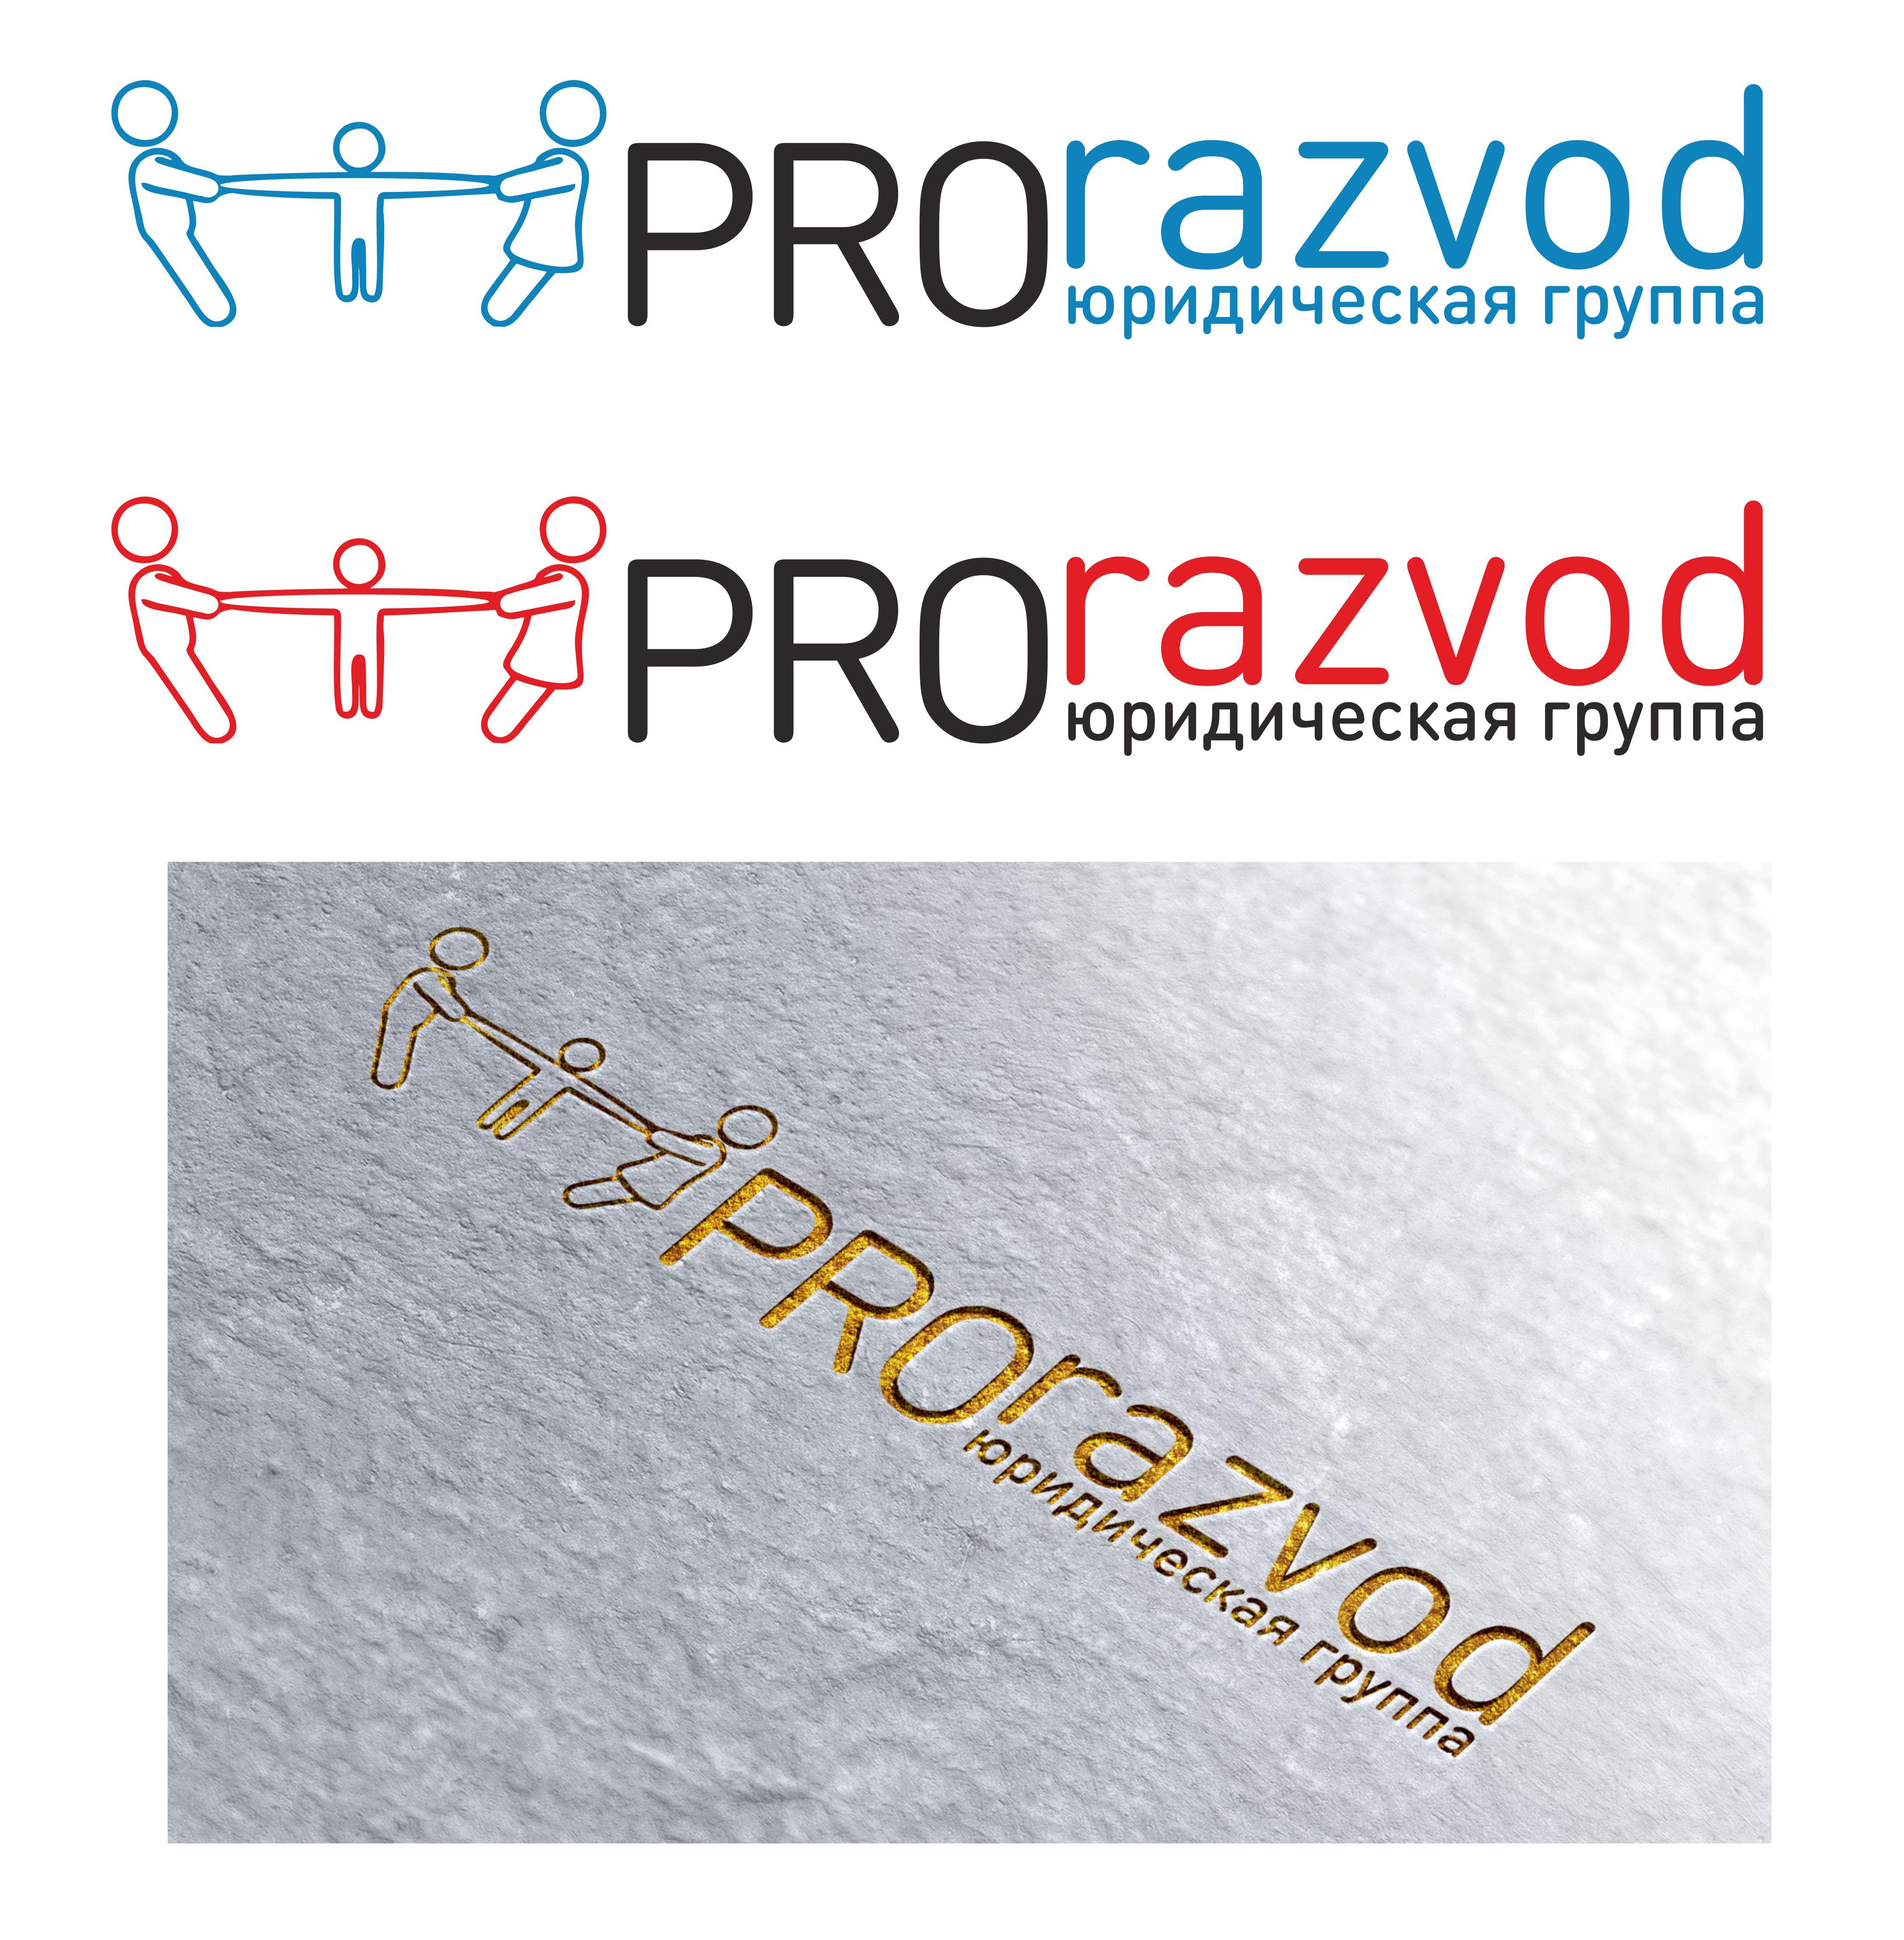 Логотип и фирм стиль для бракоразводного агенства. фото f_1285878a8eca1303.jpg